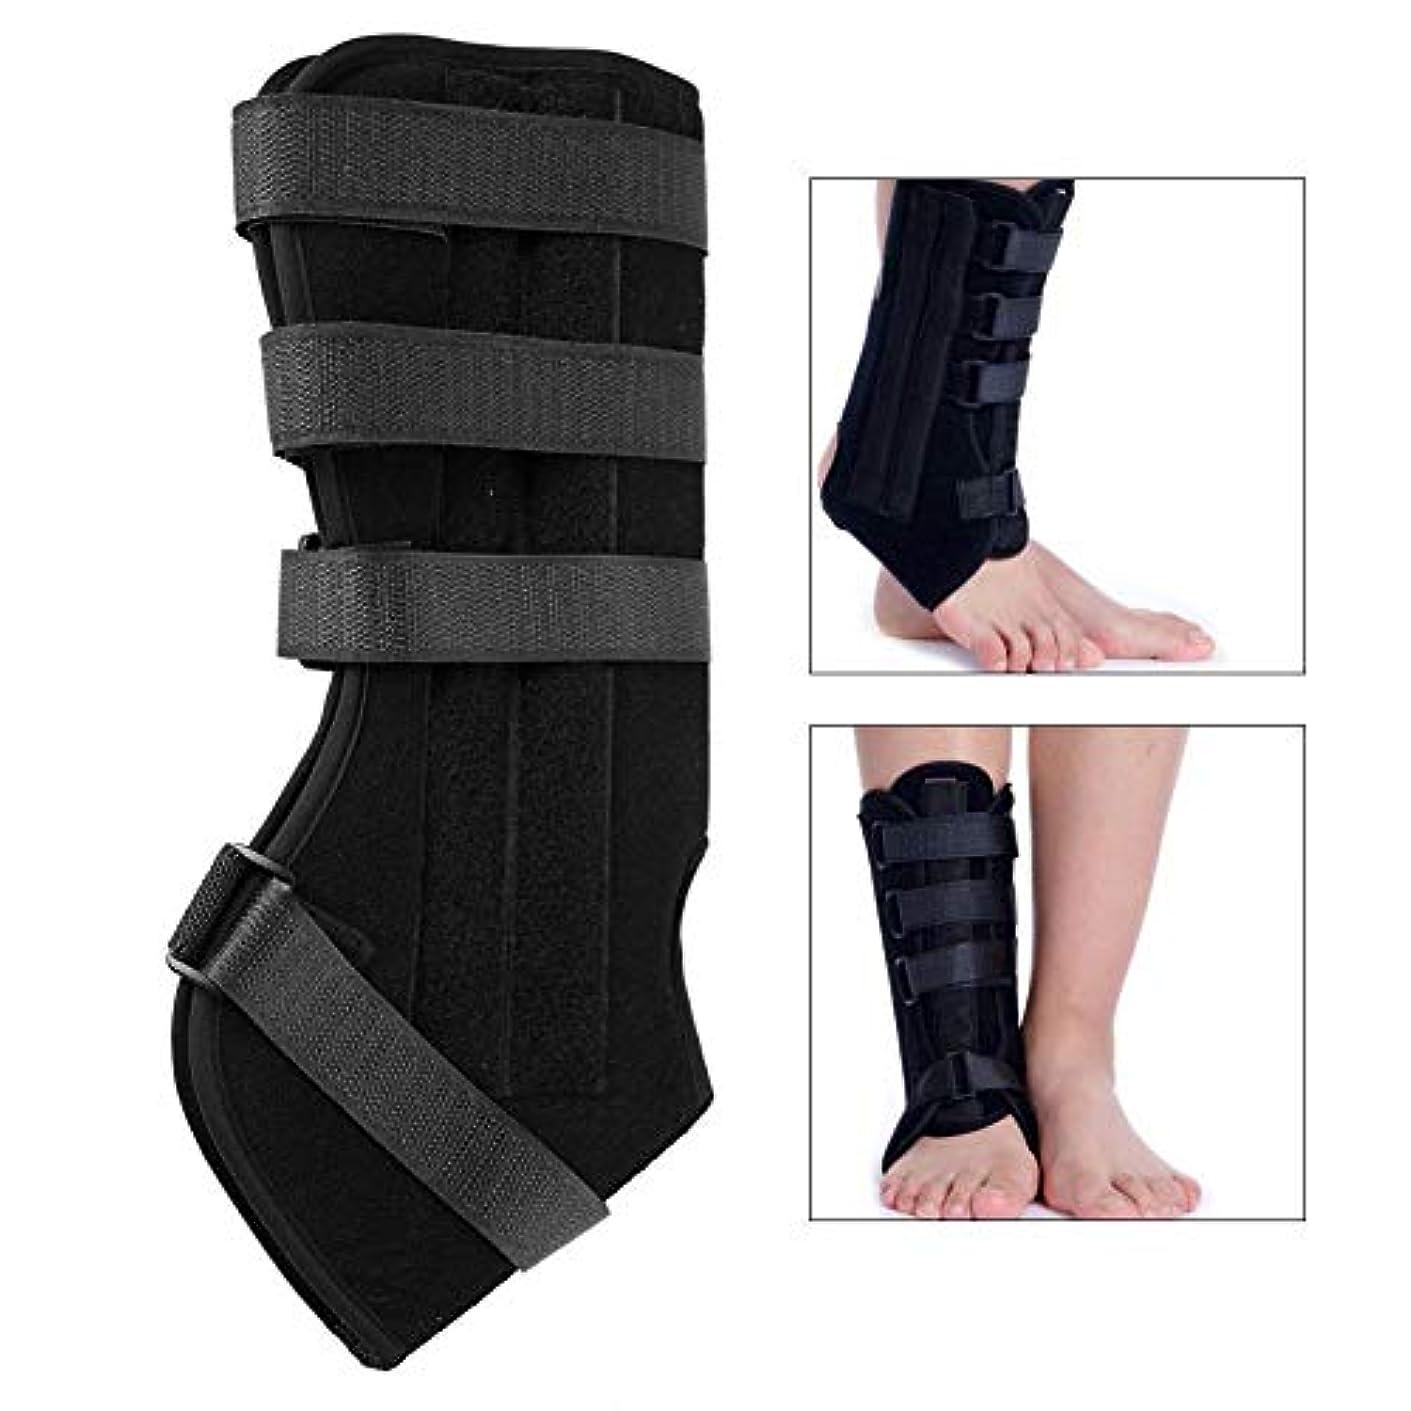 有能な西部ご覧ください足首装具、足首関節外部固定骨折治療修正サポートツールブレースサポート腱矯正手術後,M